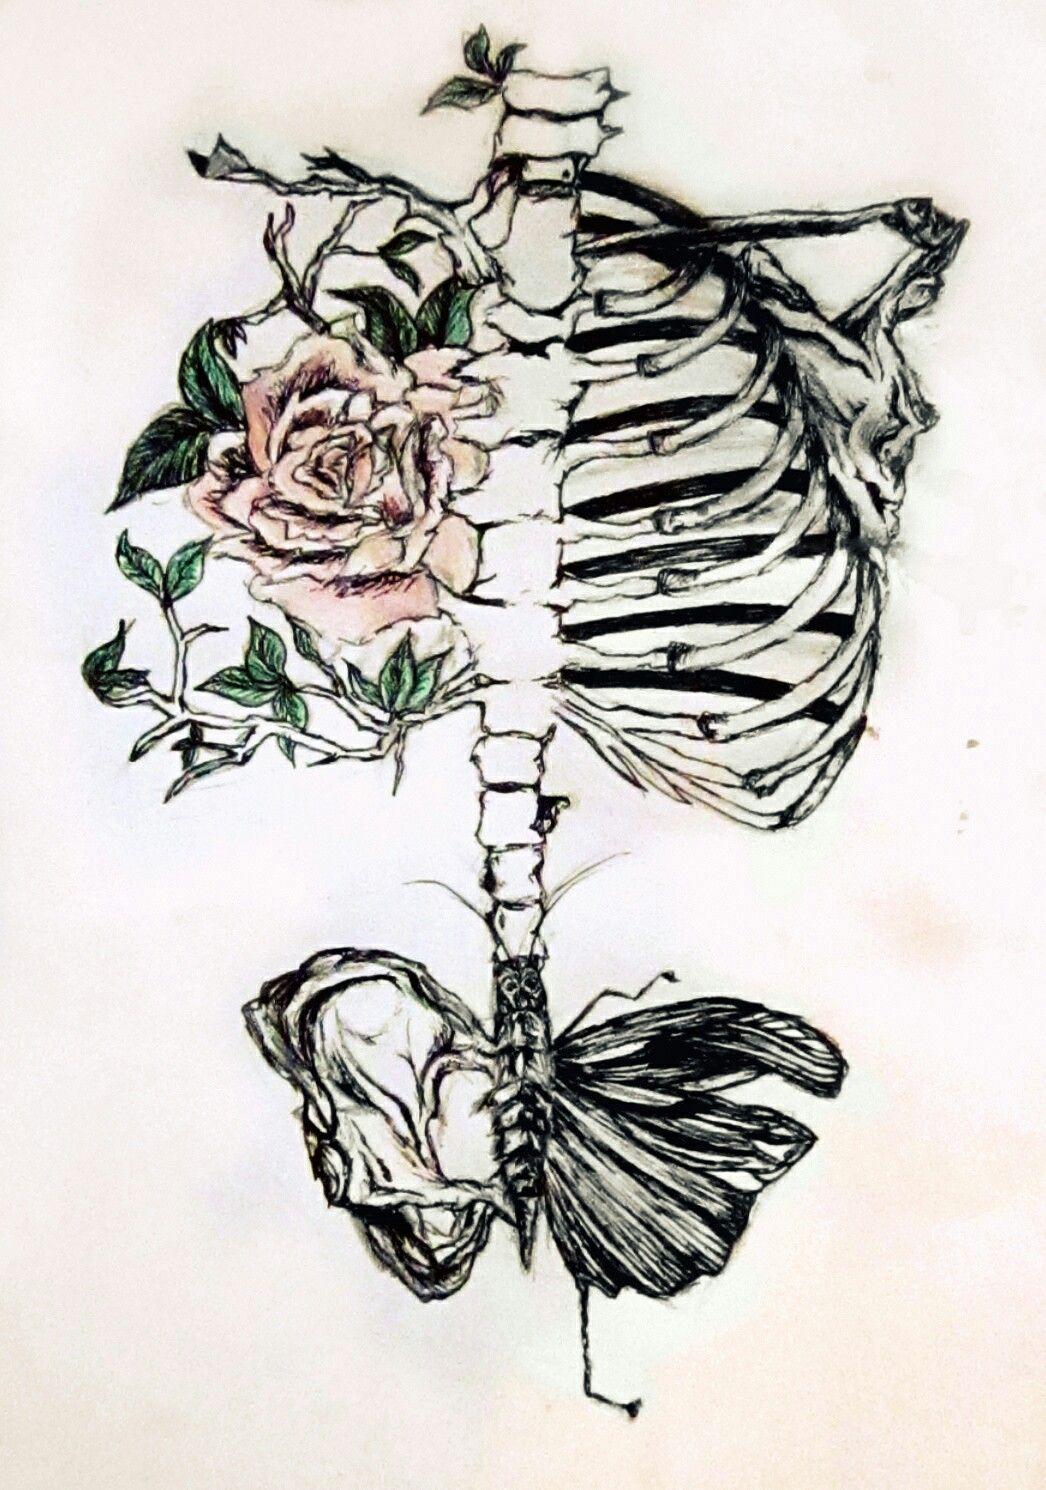 Pin von asimilate auf Wattpad Cover Ideas | Pinterest | Grunge ...